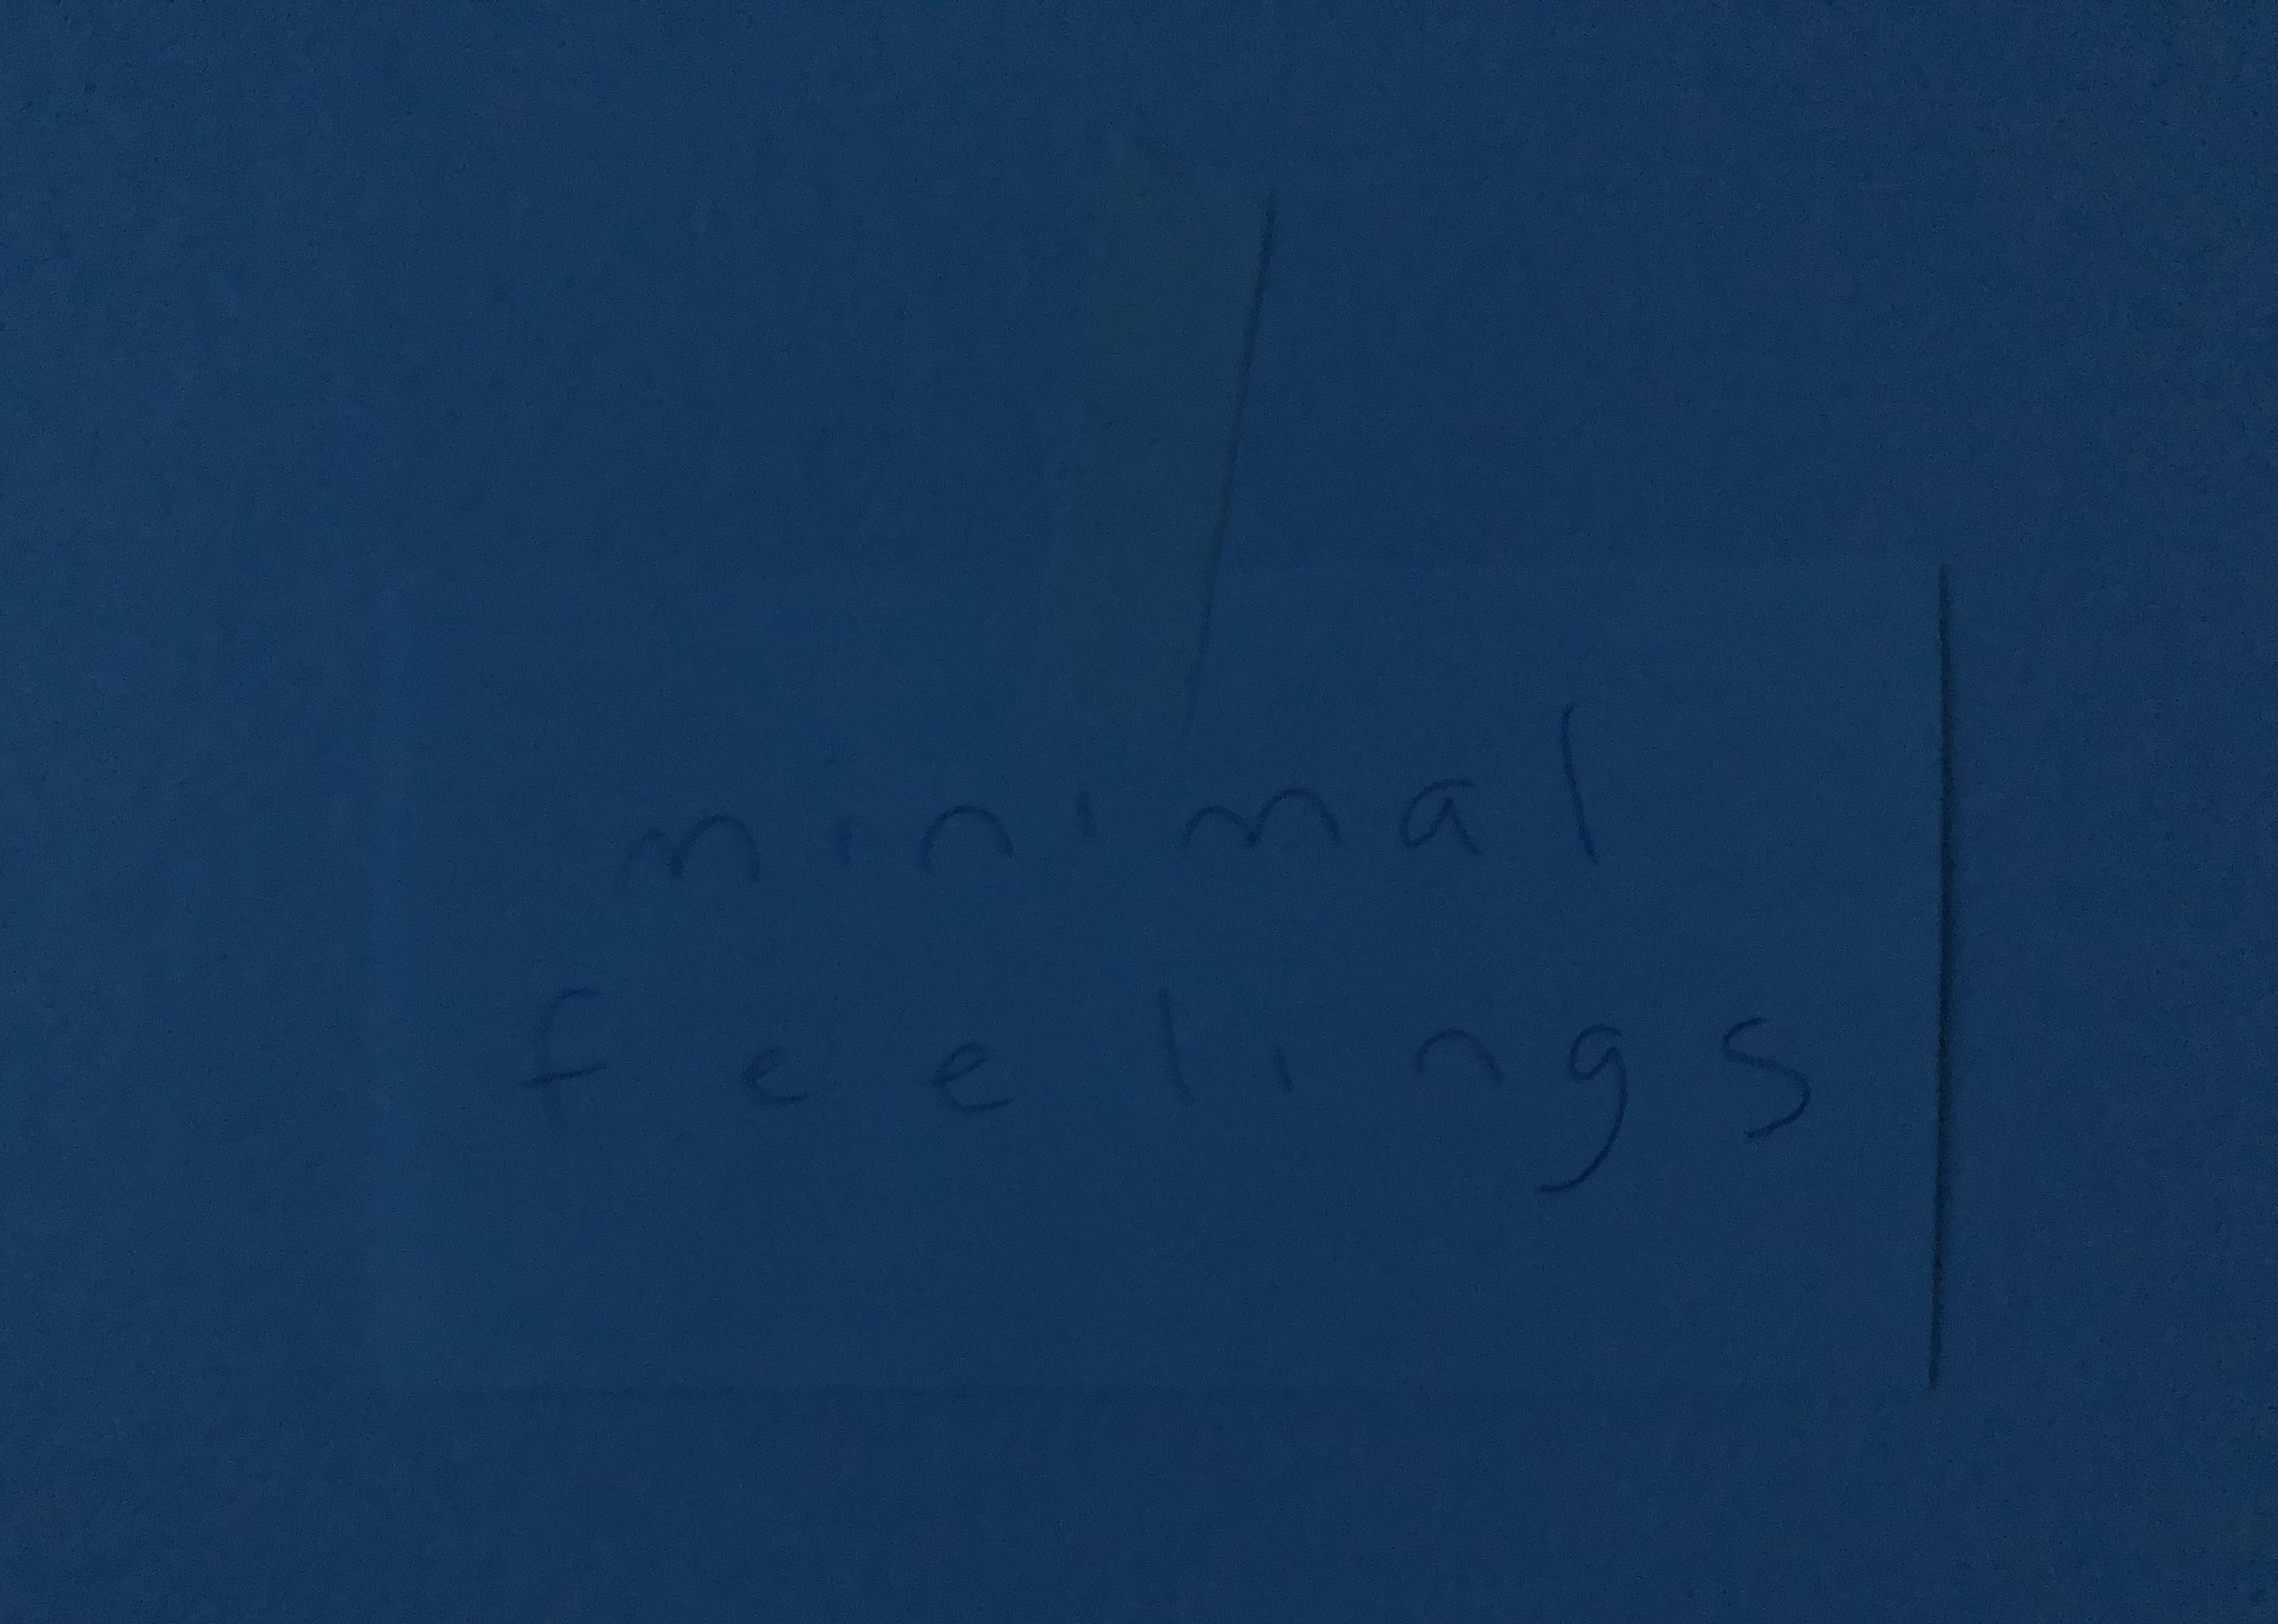 minimal feelings